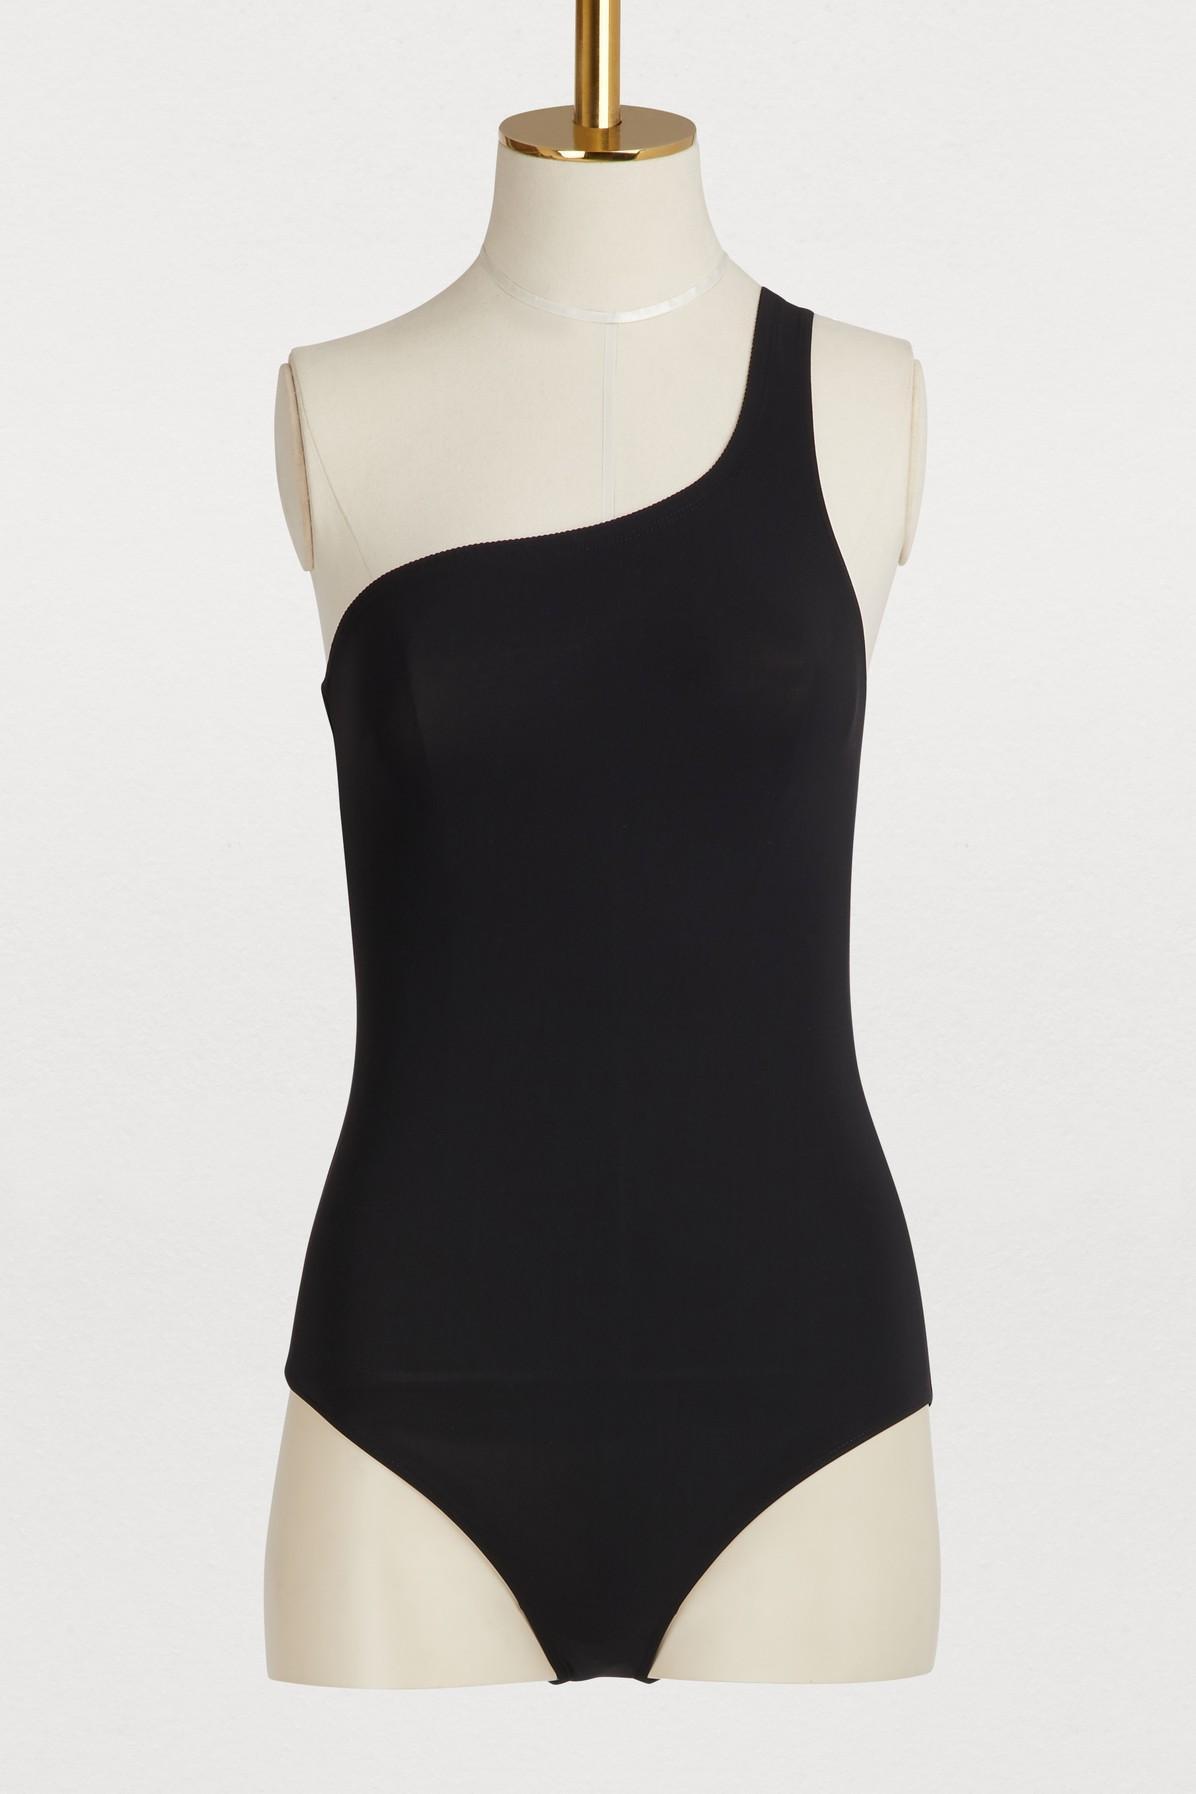 ef9b7f7e62ead Lyst - Étoile Isabel Marant Sage One-shoulder Swimsuit in Black